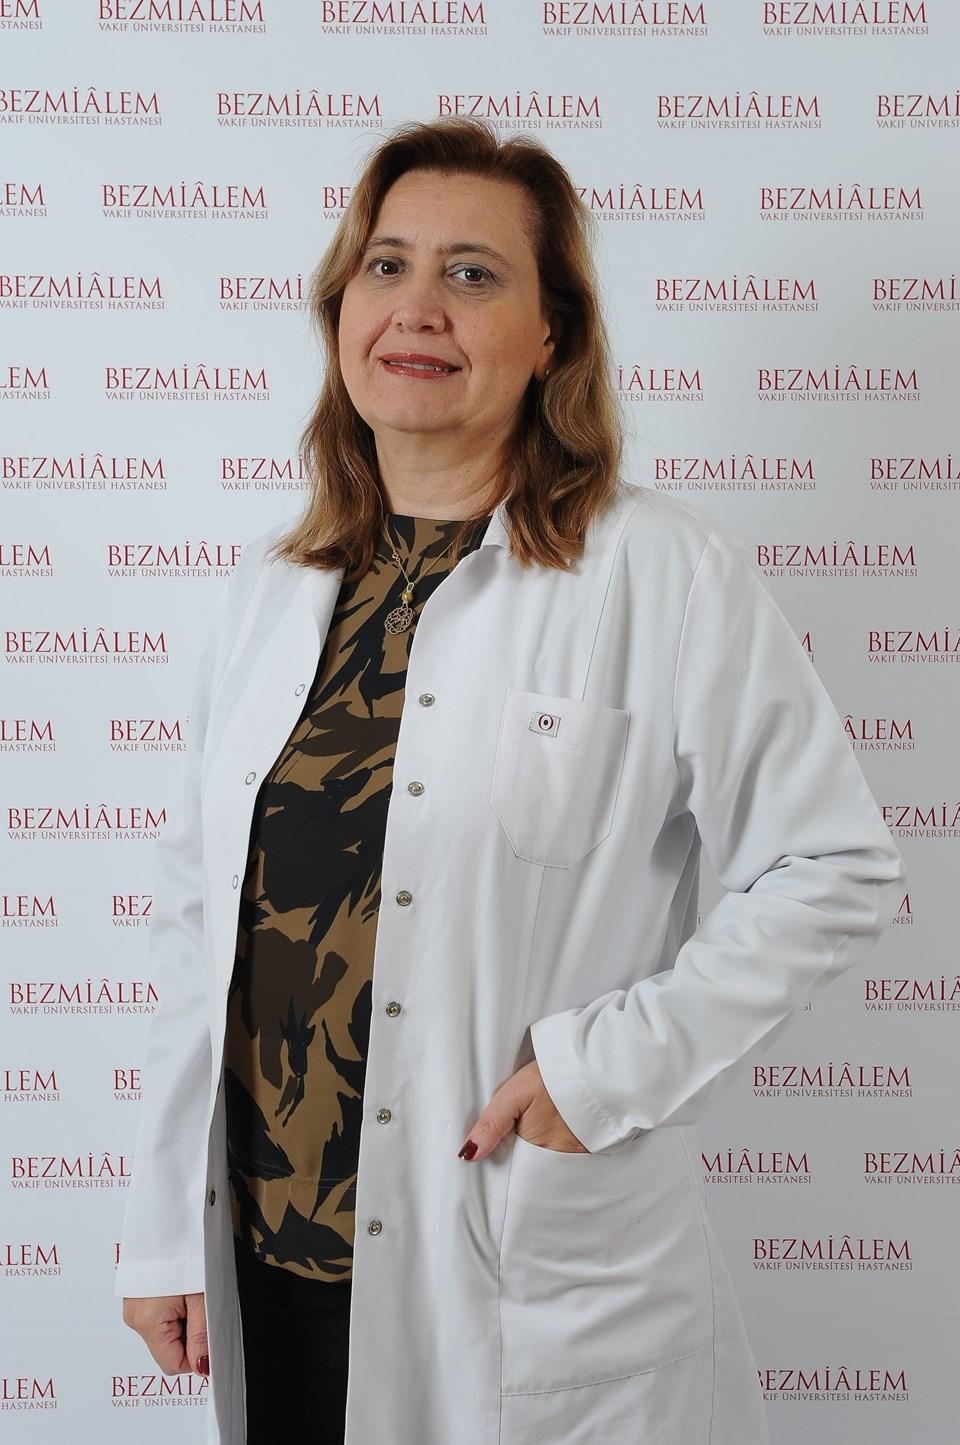 Prof. Dr. Özlem Su Küçük